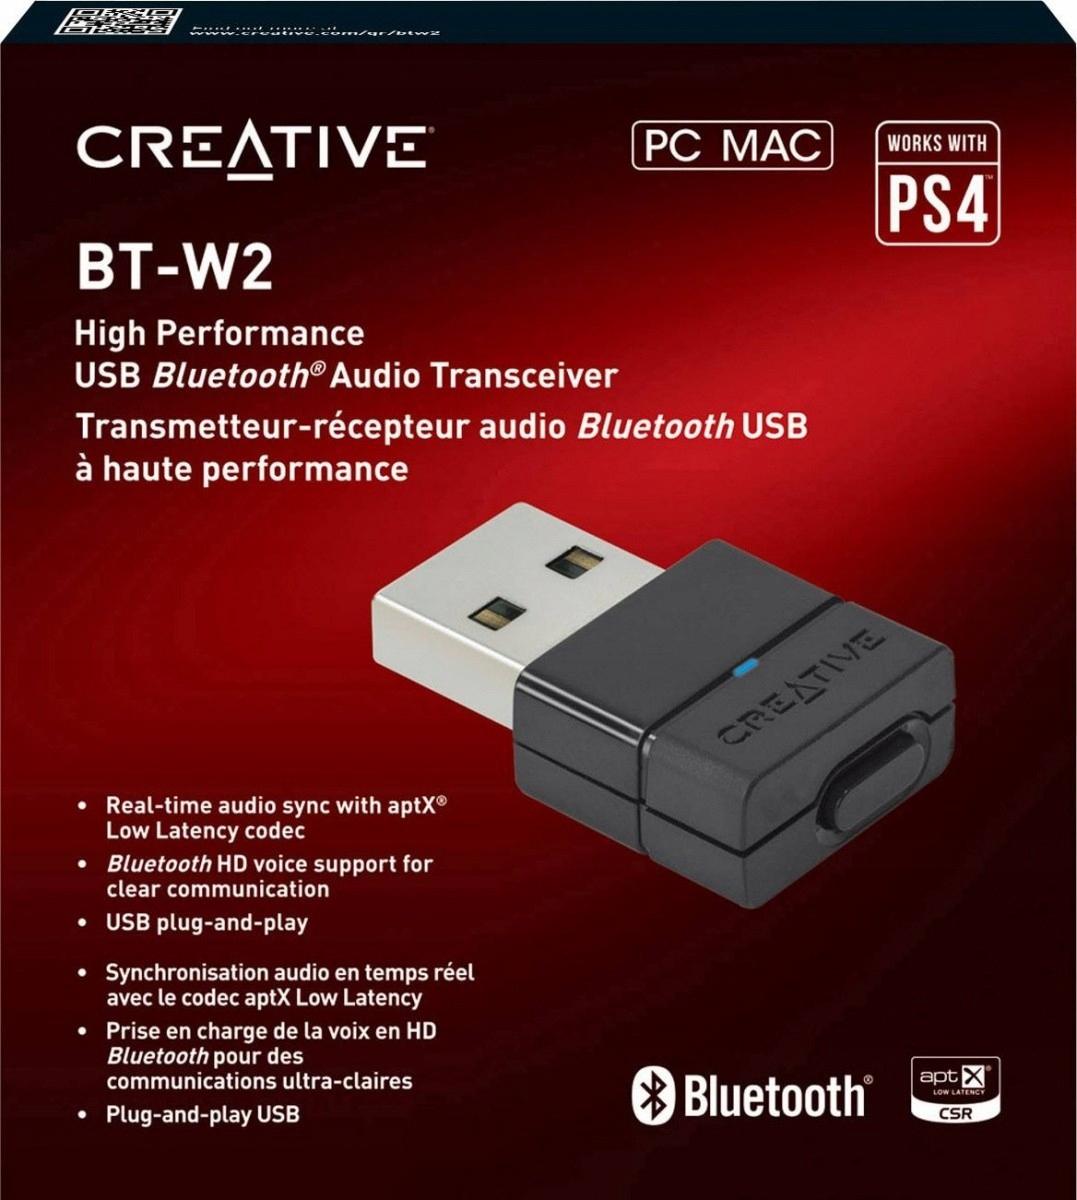 CREATIVE Adapter Transceiver Bluetooth USB BT-W2